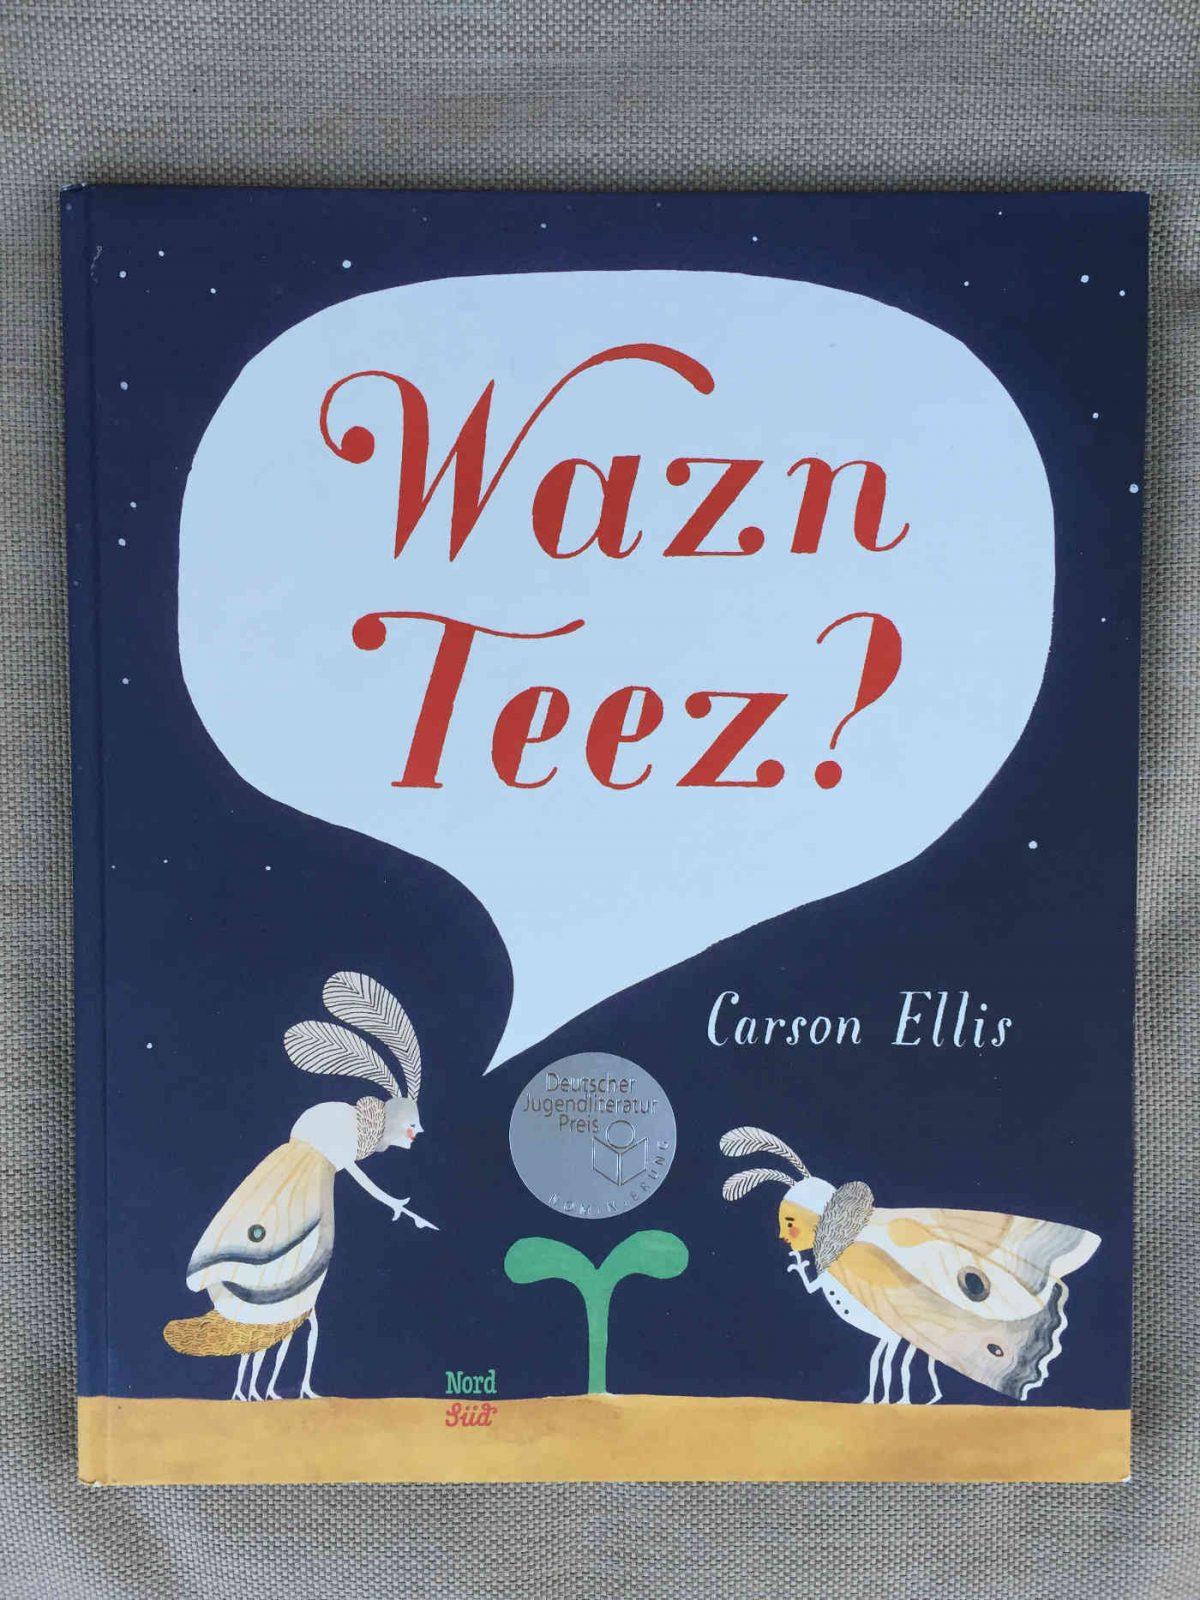 Carson Ellis Wazn Teez? Buchempfehlung Buchtipp Kinderbuchblog Brigitte Wallinger geniales Buch Kinderbuch Bilderbuch